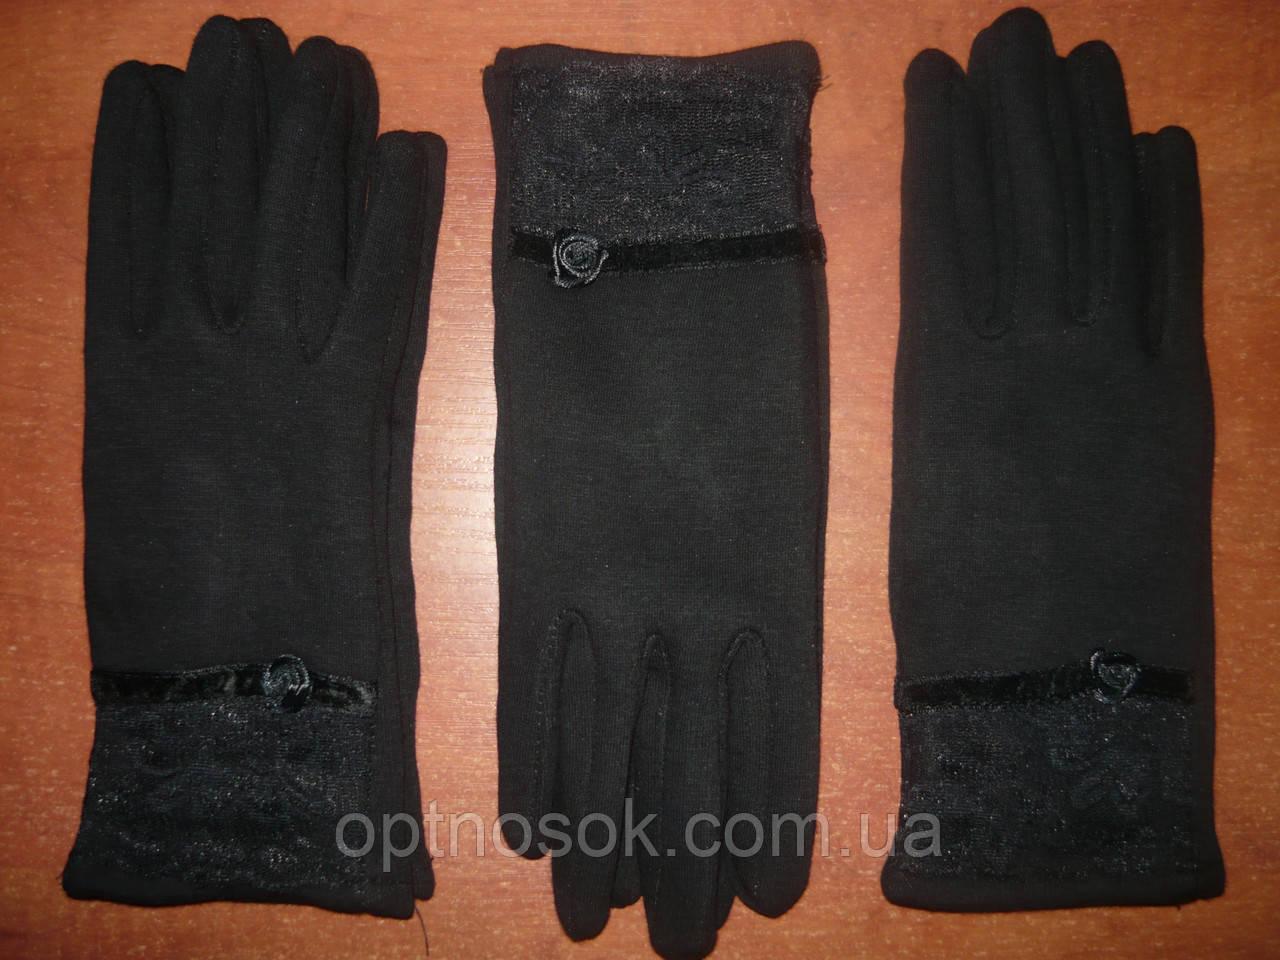 Женские перчатки Корона с начесом. Бамбук. р. М